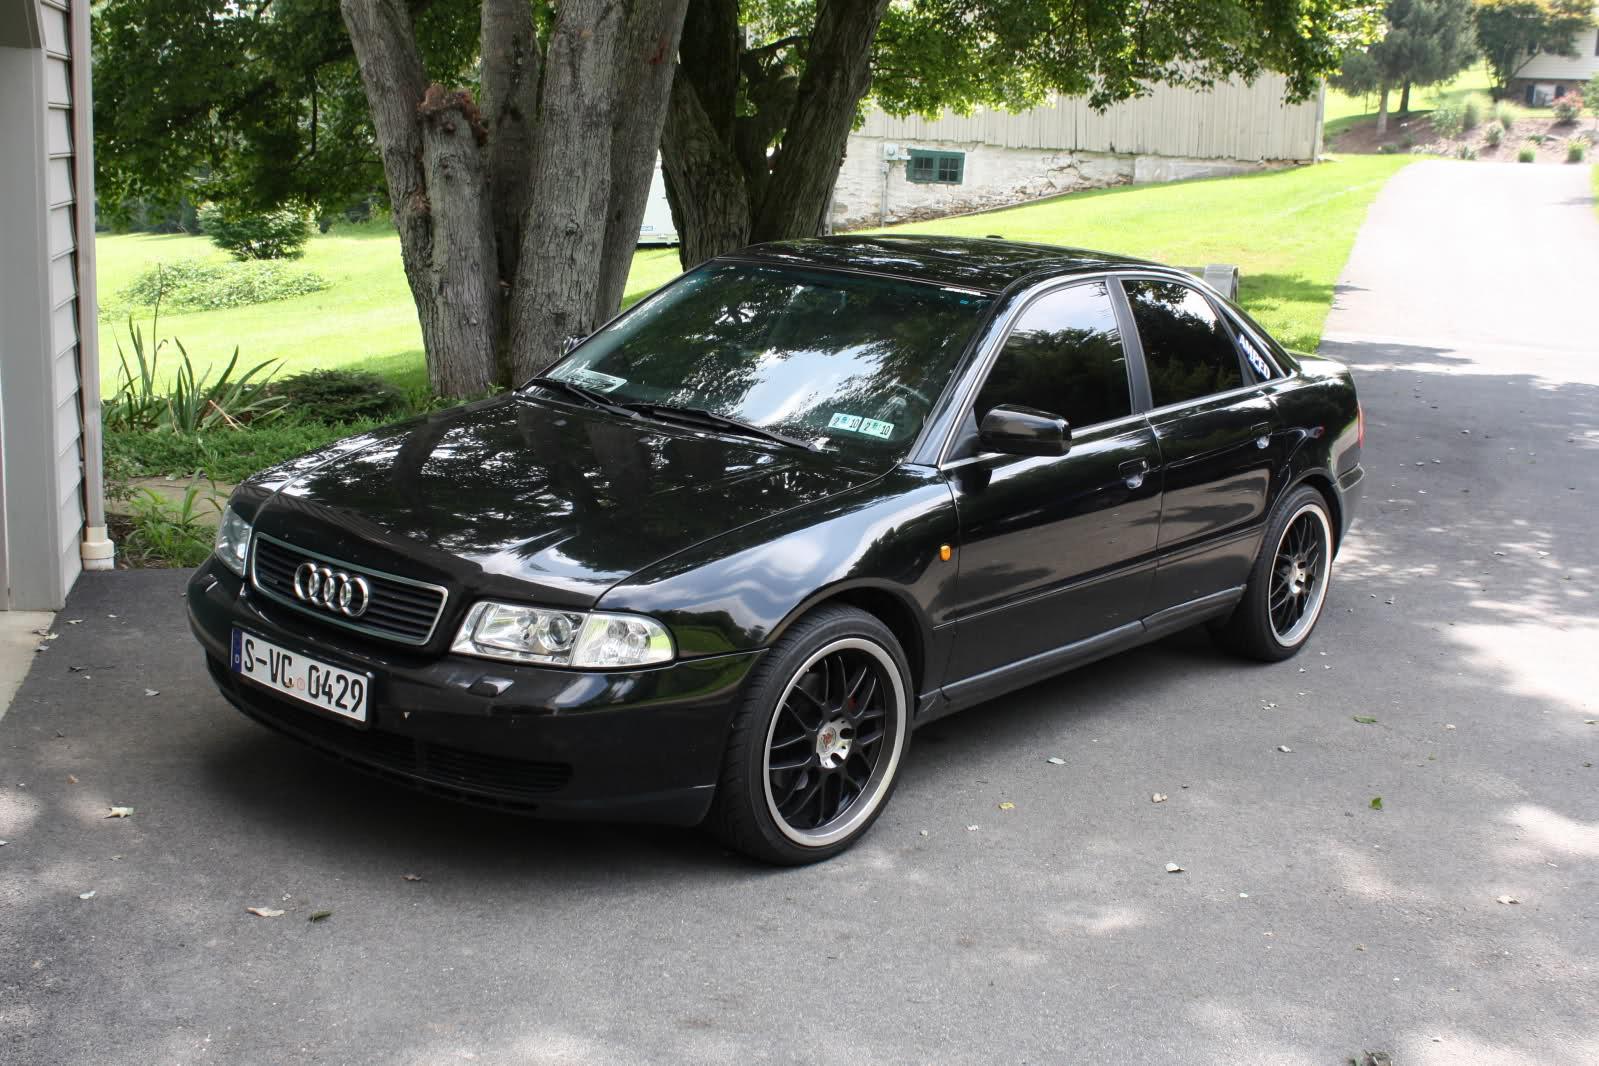 1998 Audi A4 #1 Audi A4 #1